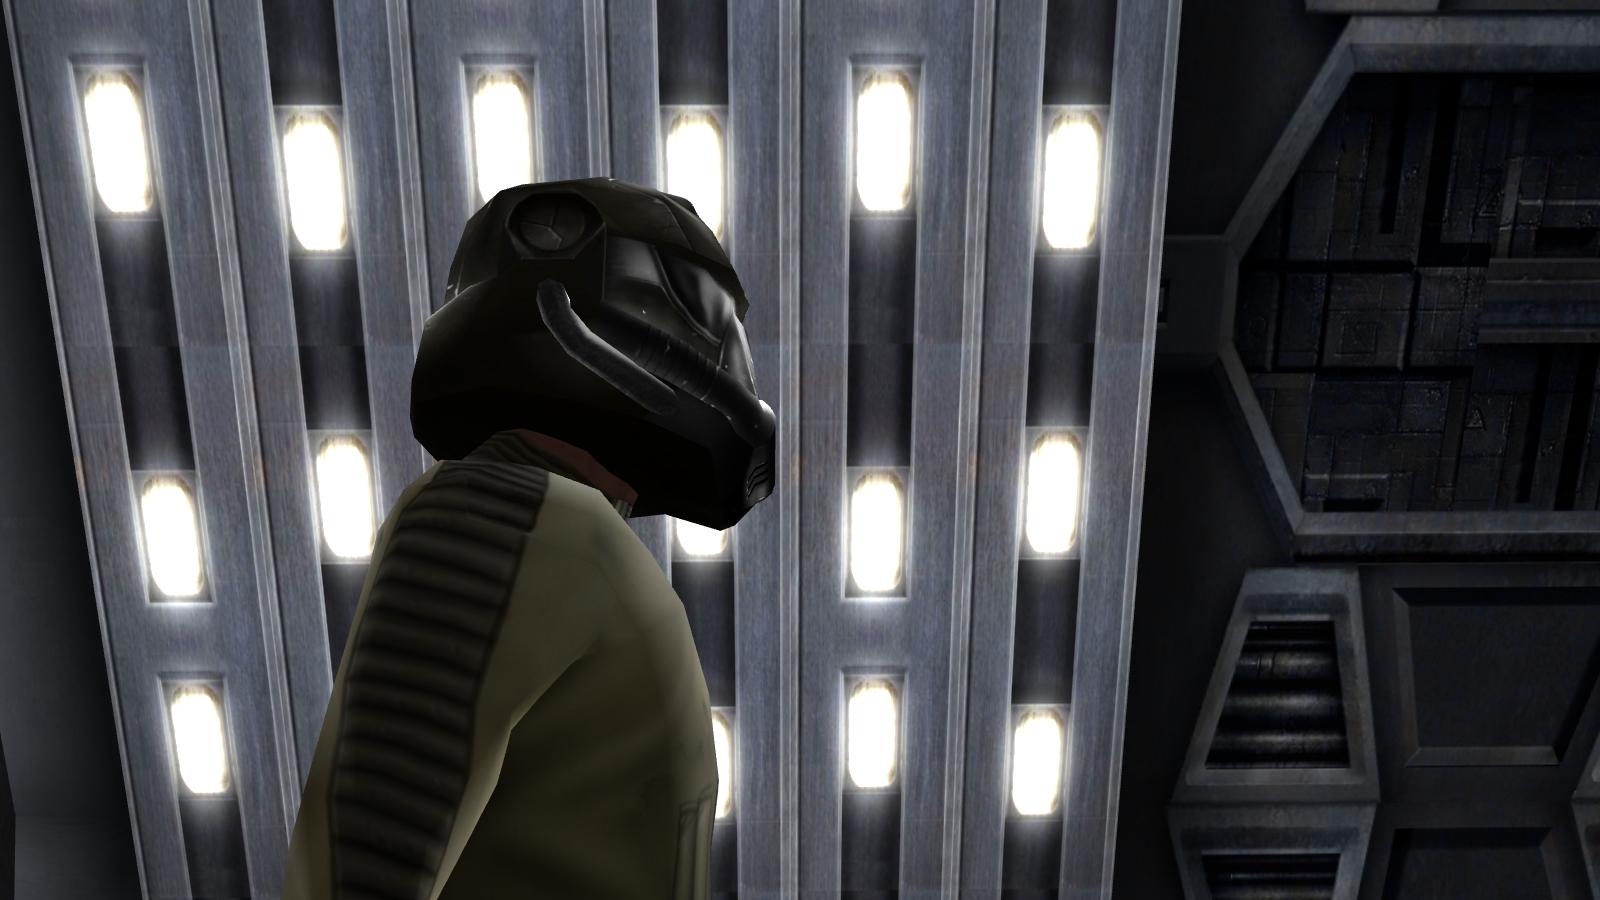 JK2 FX MOD for Star Wars Jedi Knight II: Jedi Outcast - Mod DB